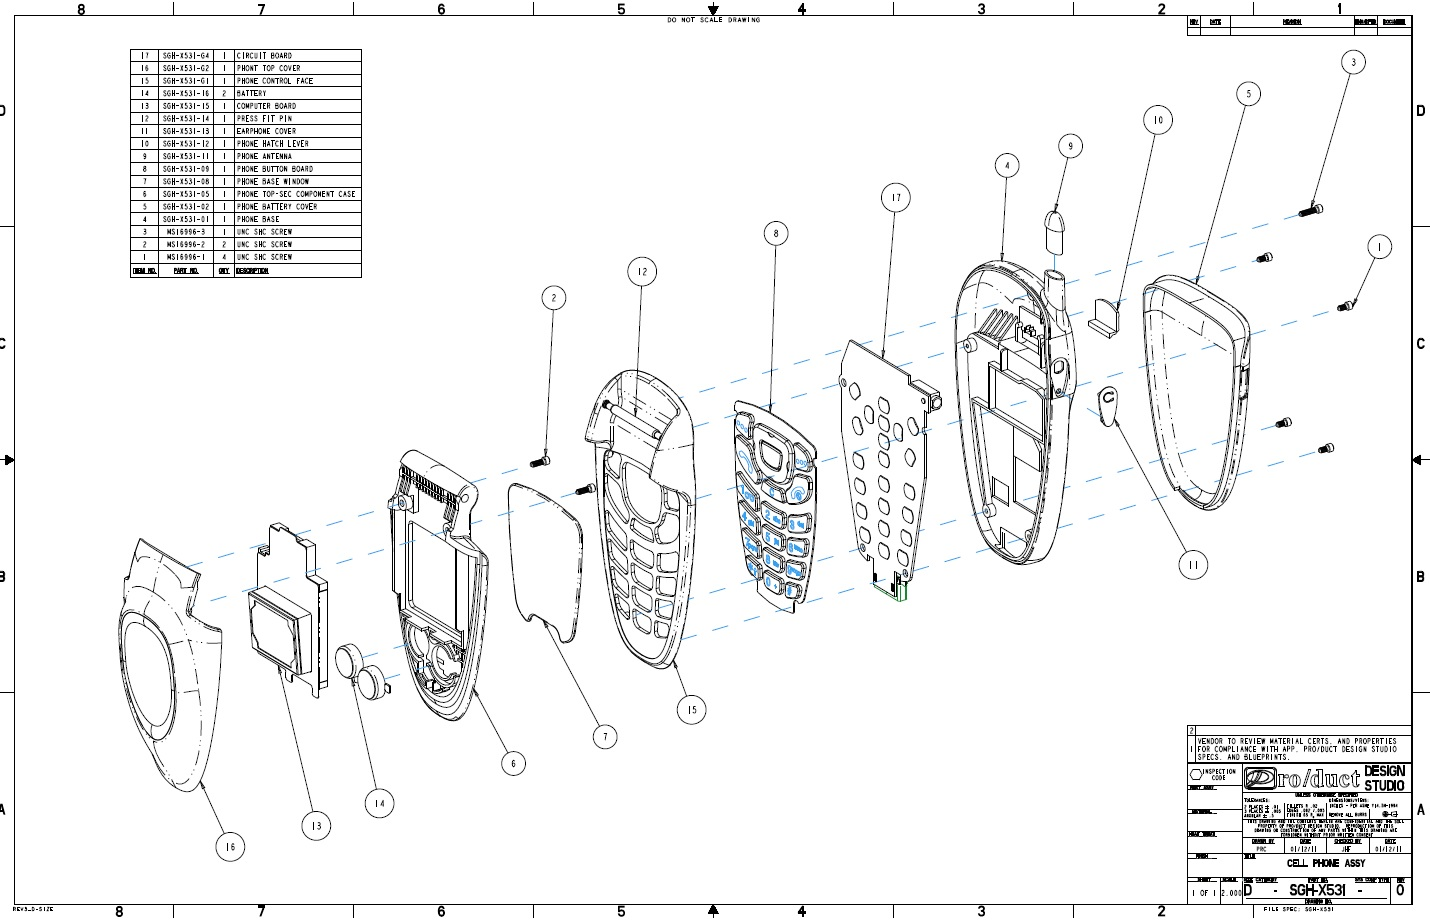 ddx372bt wiring schematic